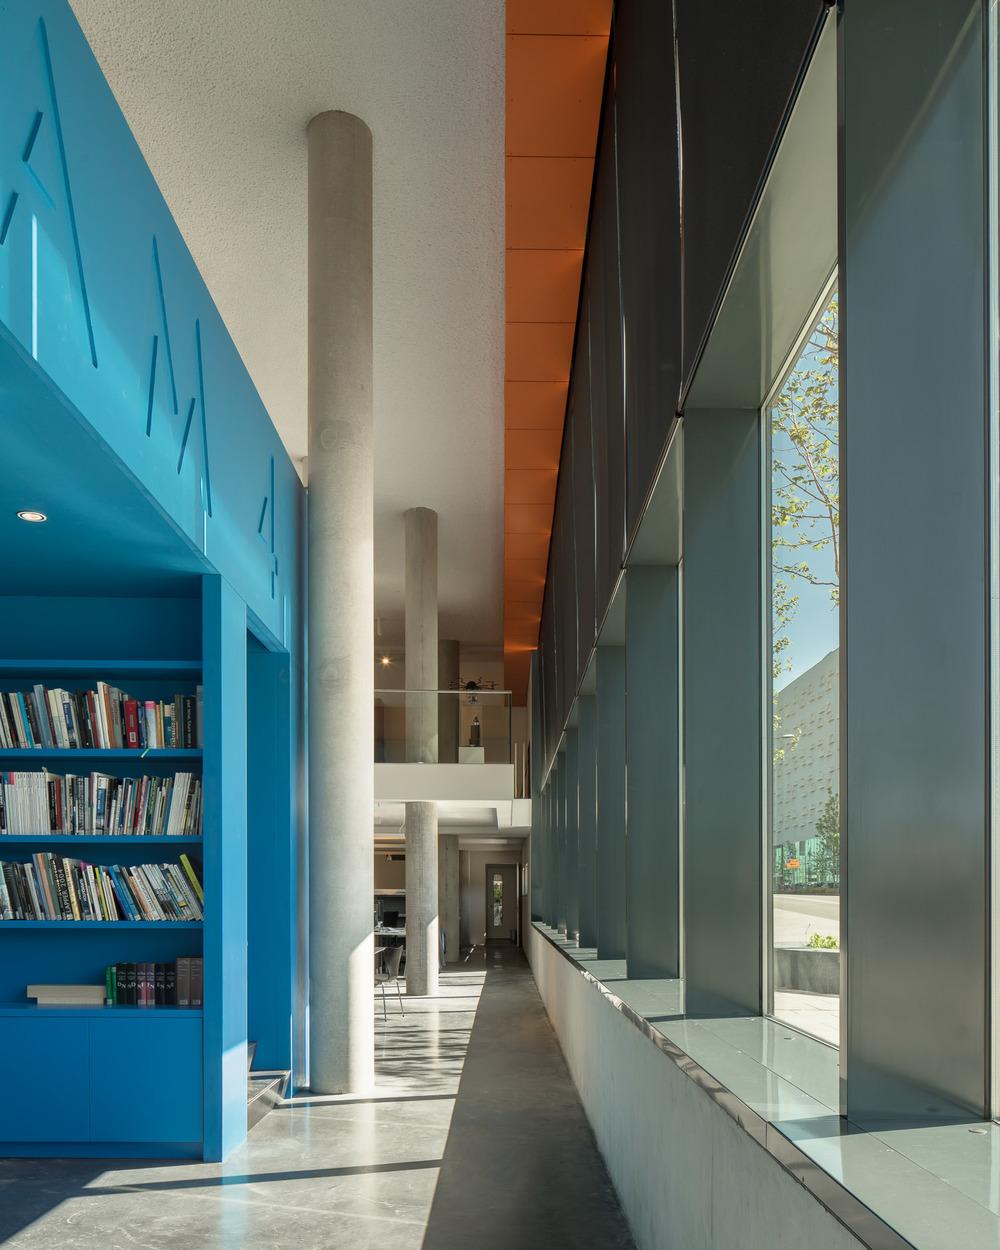 interieurfotografie by mark hadden architectuurfotograaf